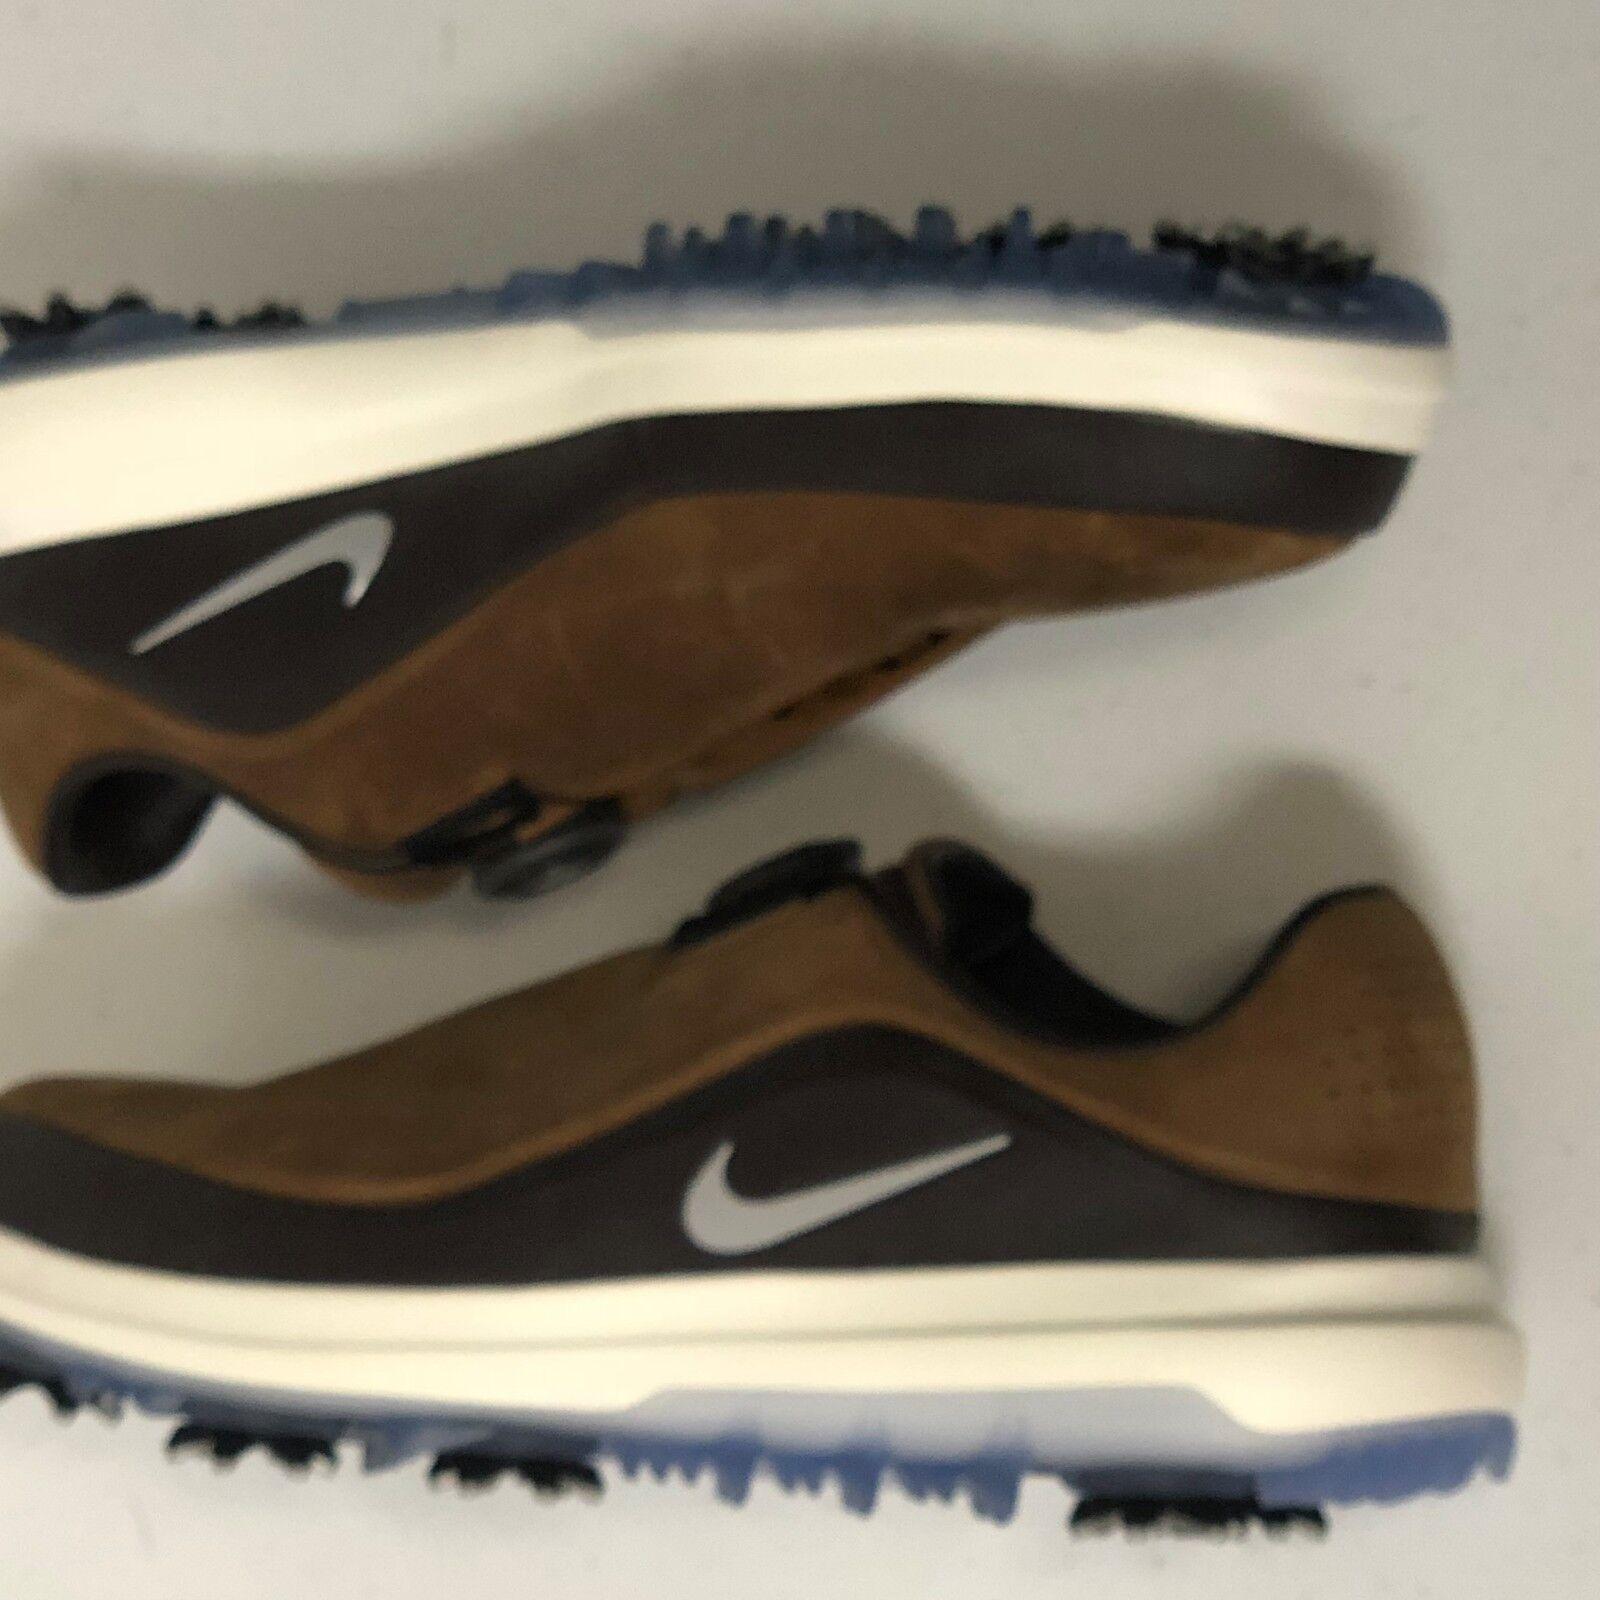 Nike zoom precisione sz boa scarpe da golf sz precisione 10 autentico ah7101 200 nessuna scatola e03625